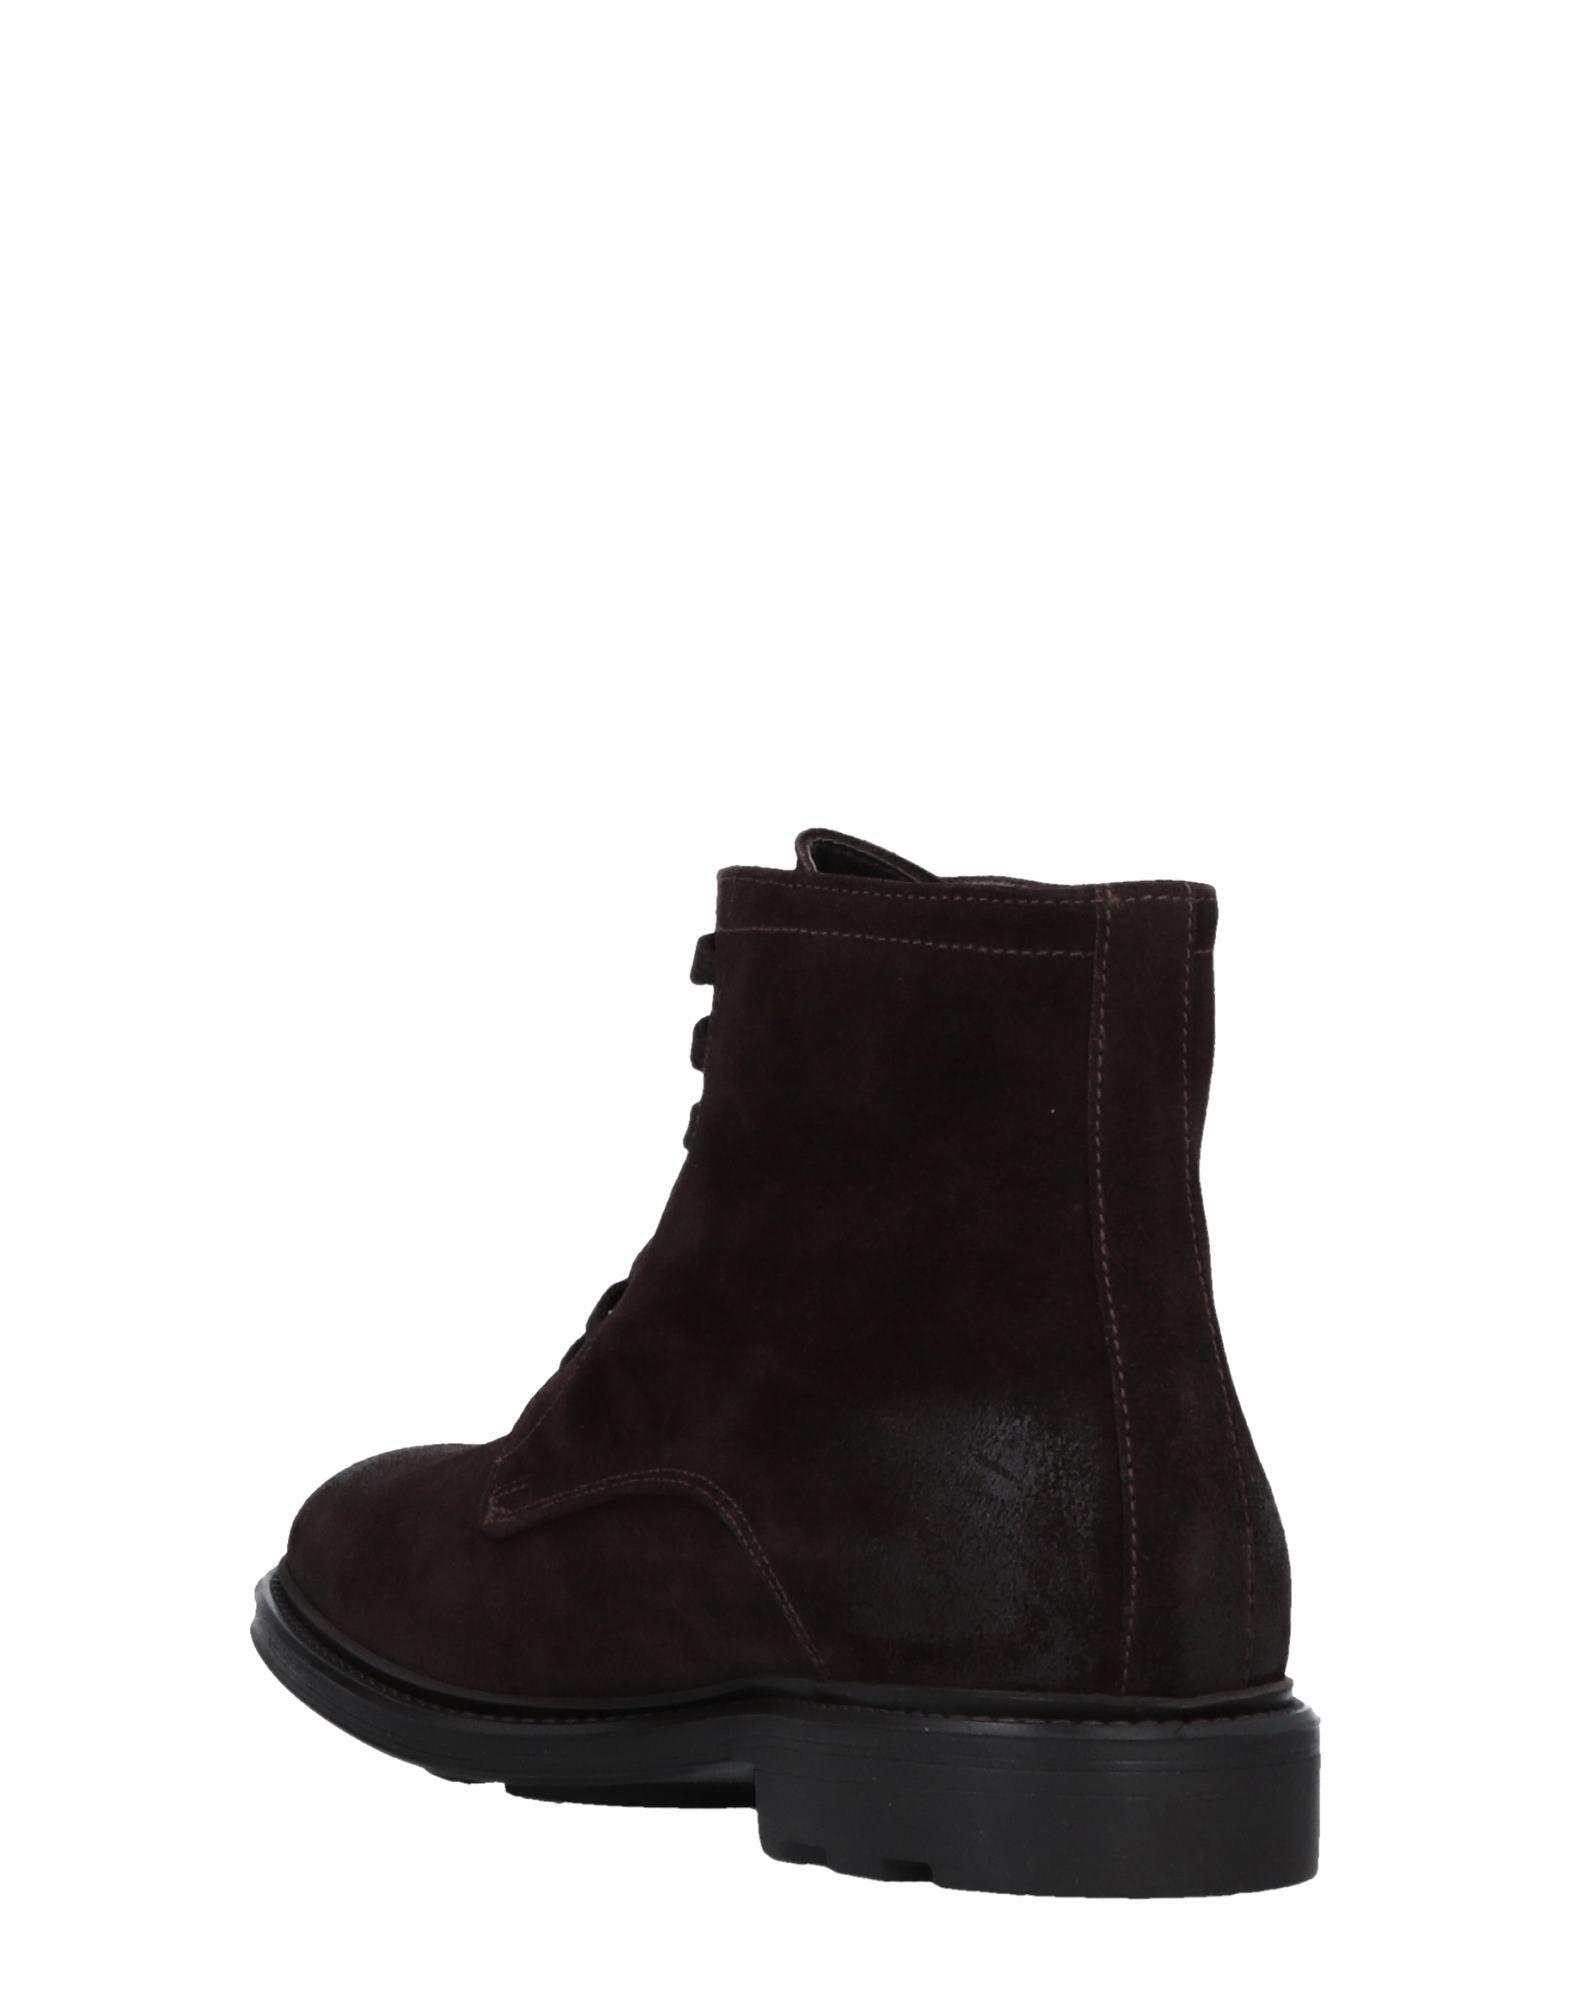 Doucal's Doucal's Doucal's Stiefelette Herren  11512087SO Heiße Schuhe 3cbf35